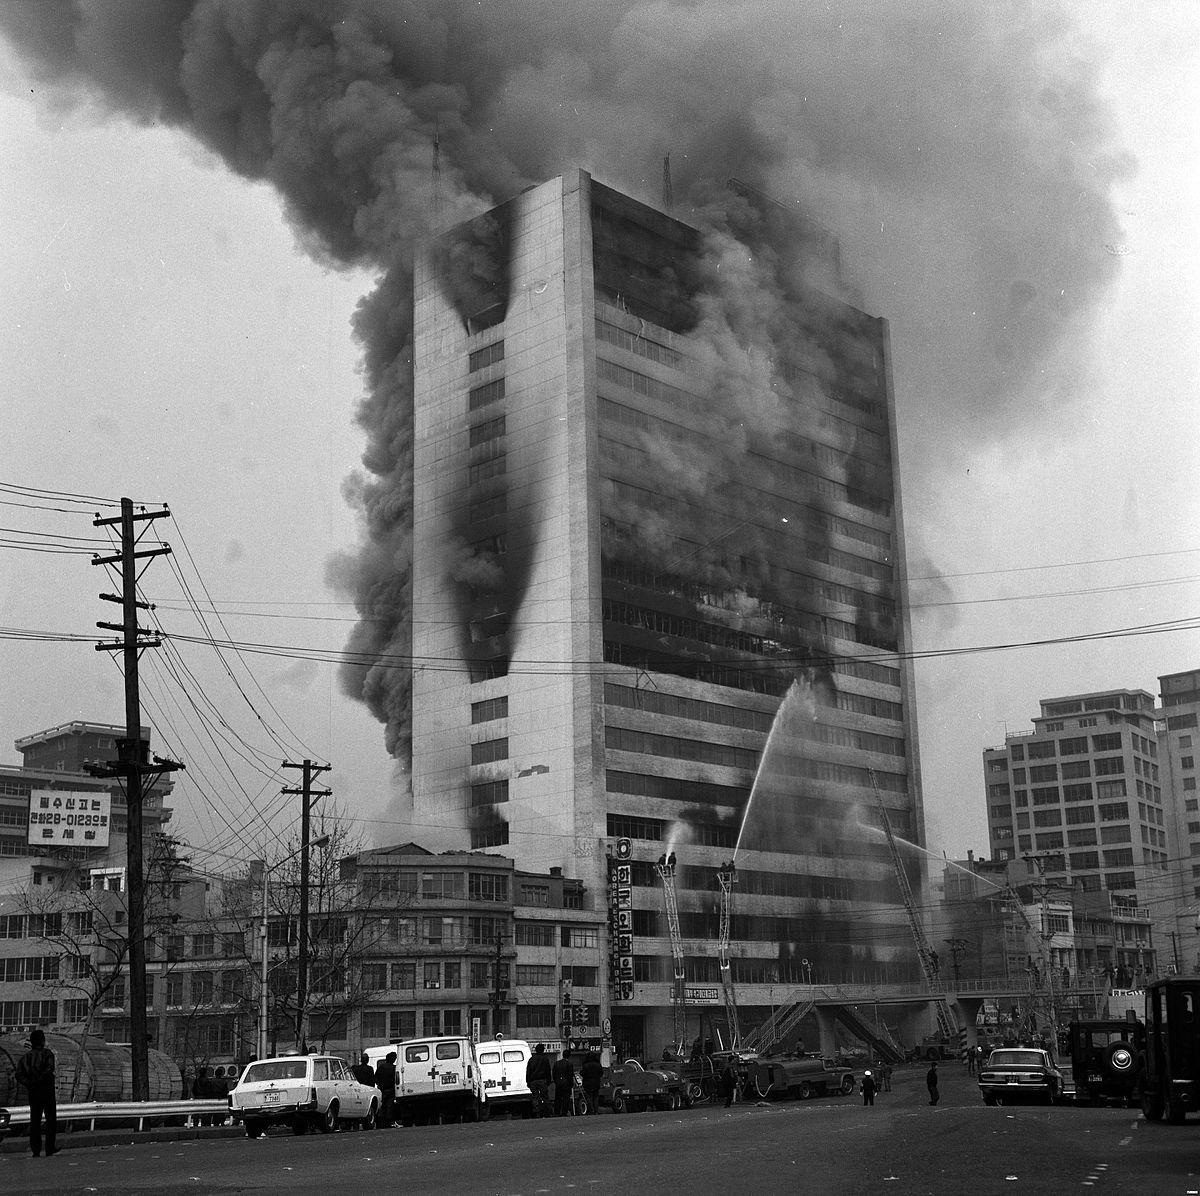 서울 대연각 호텔 화재